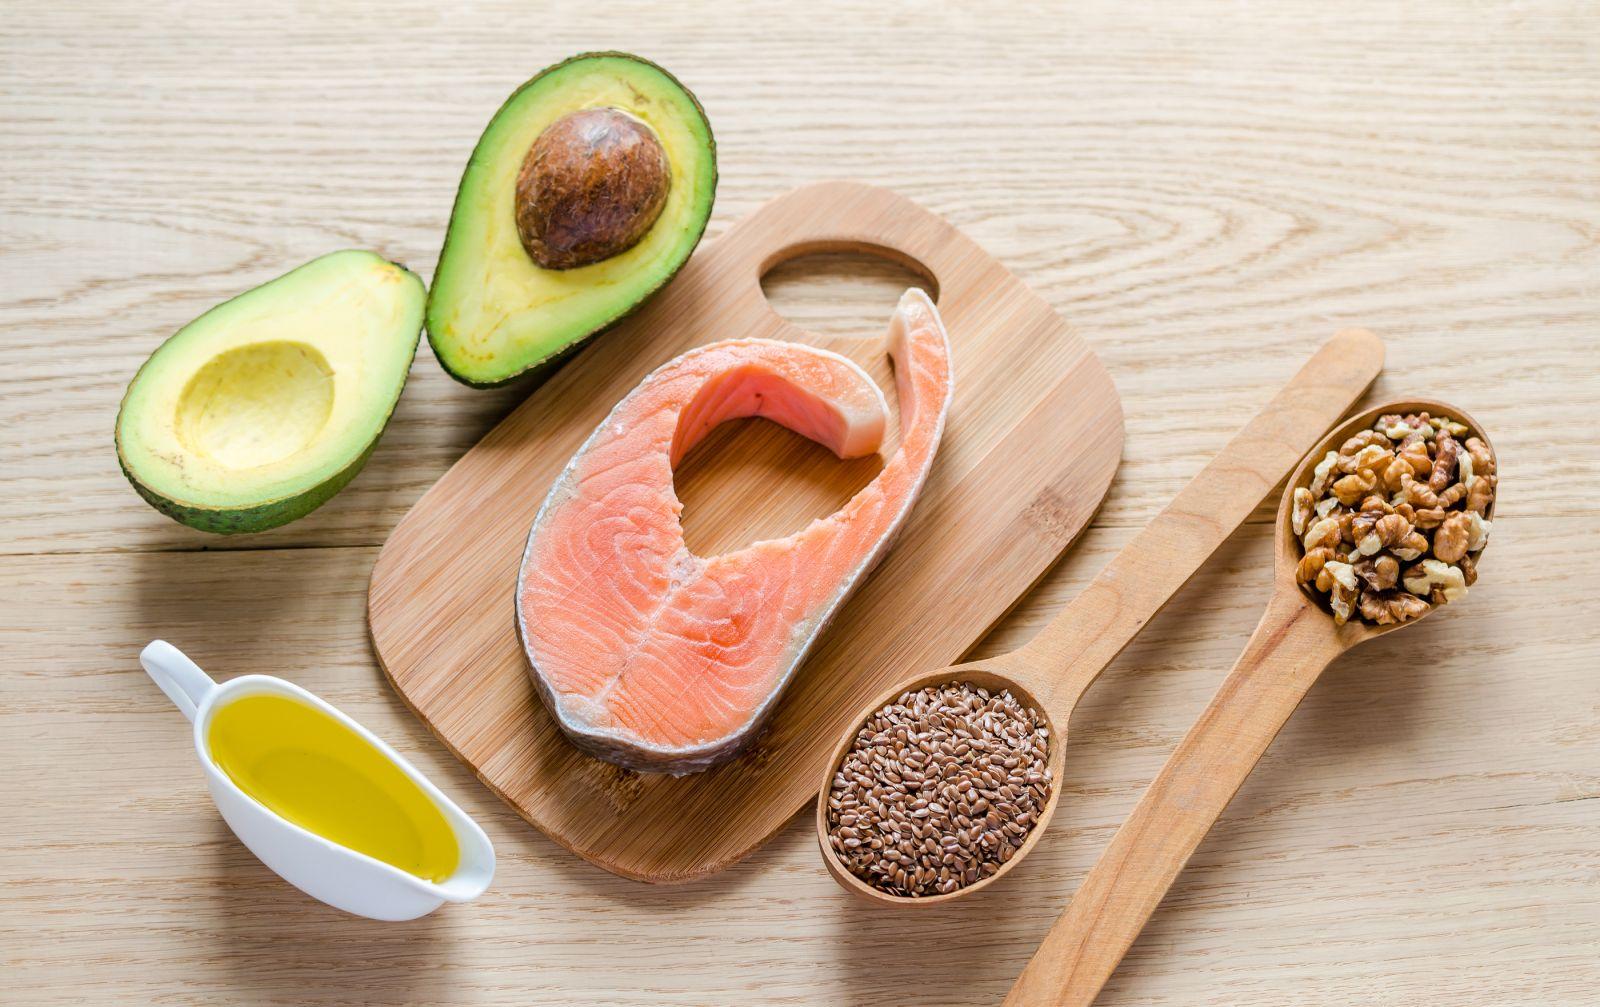 Bật mí thực đơn đầy đủ dinh dưỡng cho mẹ sau sinh 3